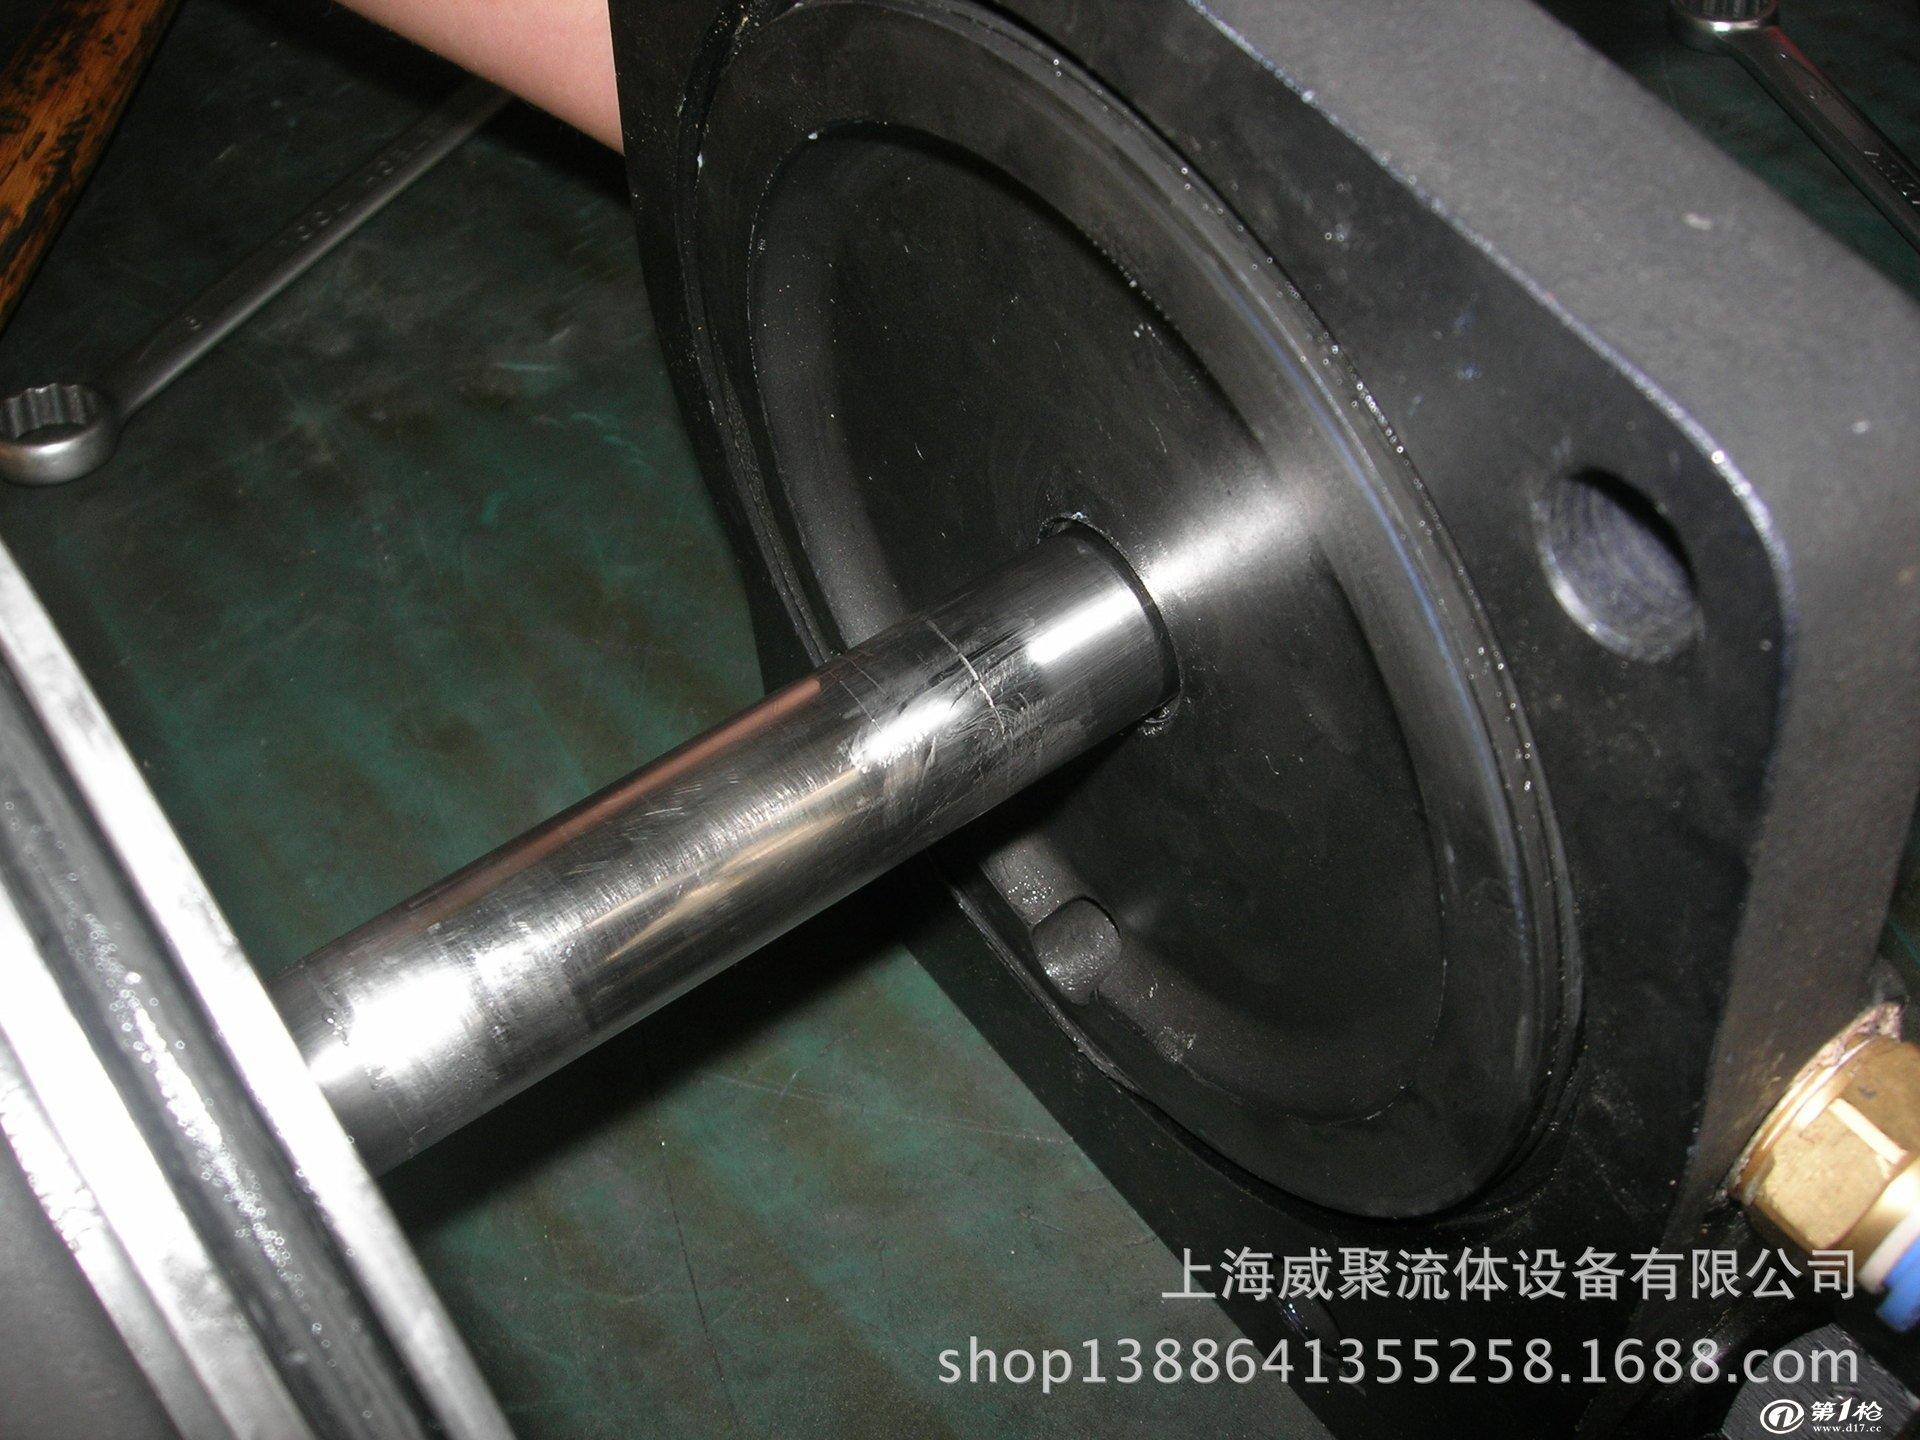 上海威聚流体设备有限公司,专业代理维修美国haskel气动增压泵,sc